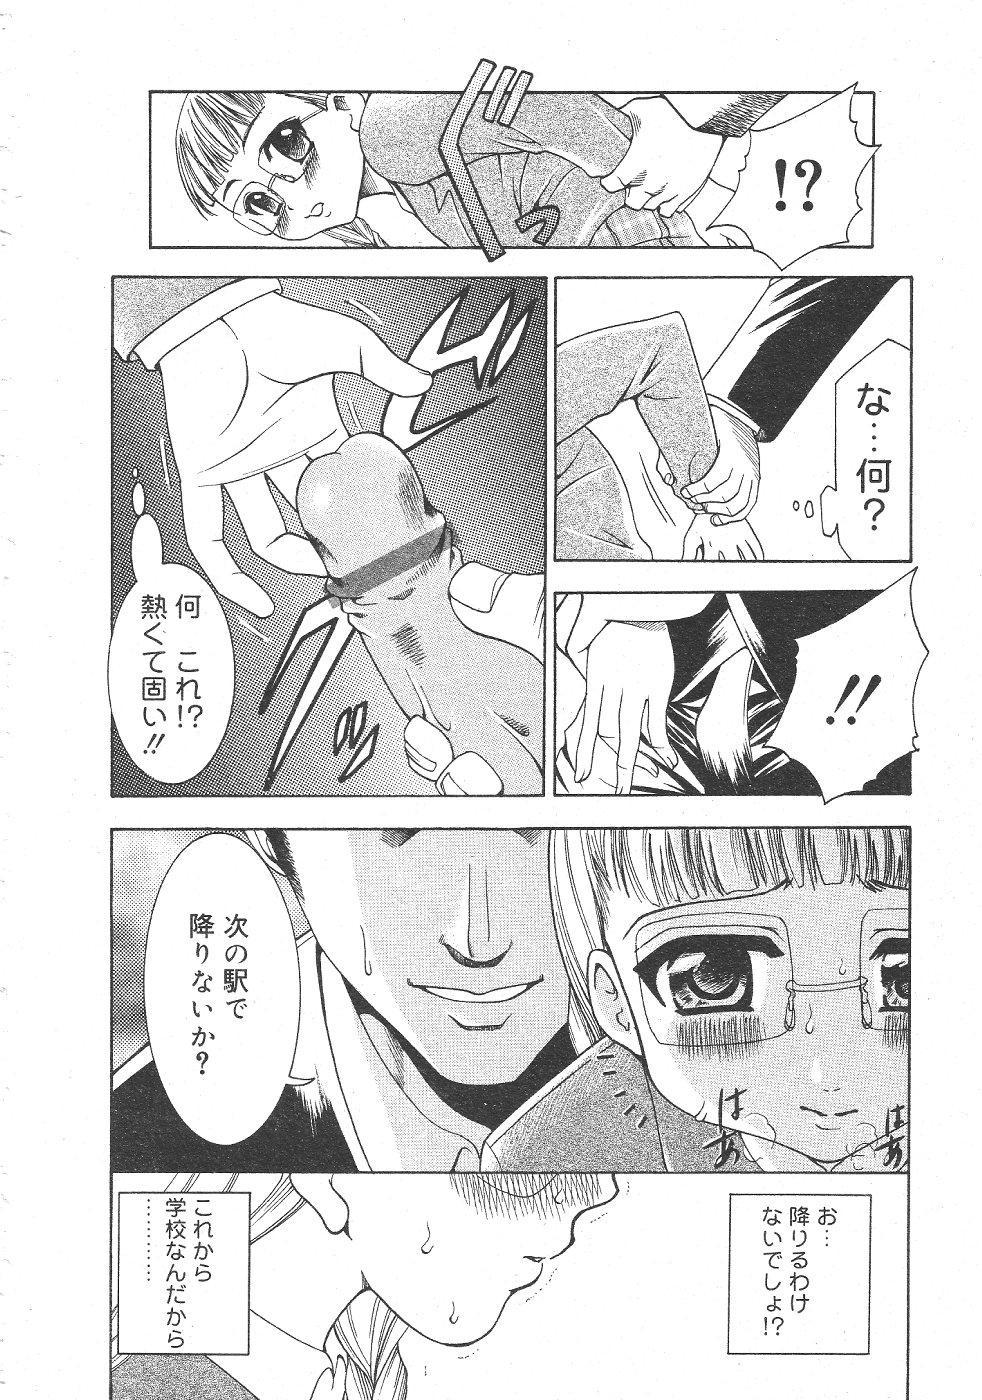 Gekkan Comic Muga 2004-06 Vol.10 261